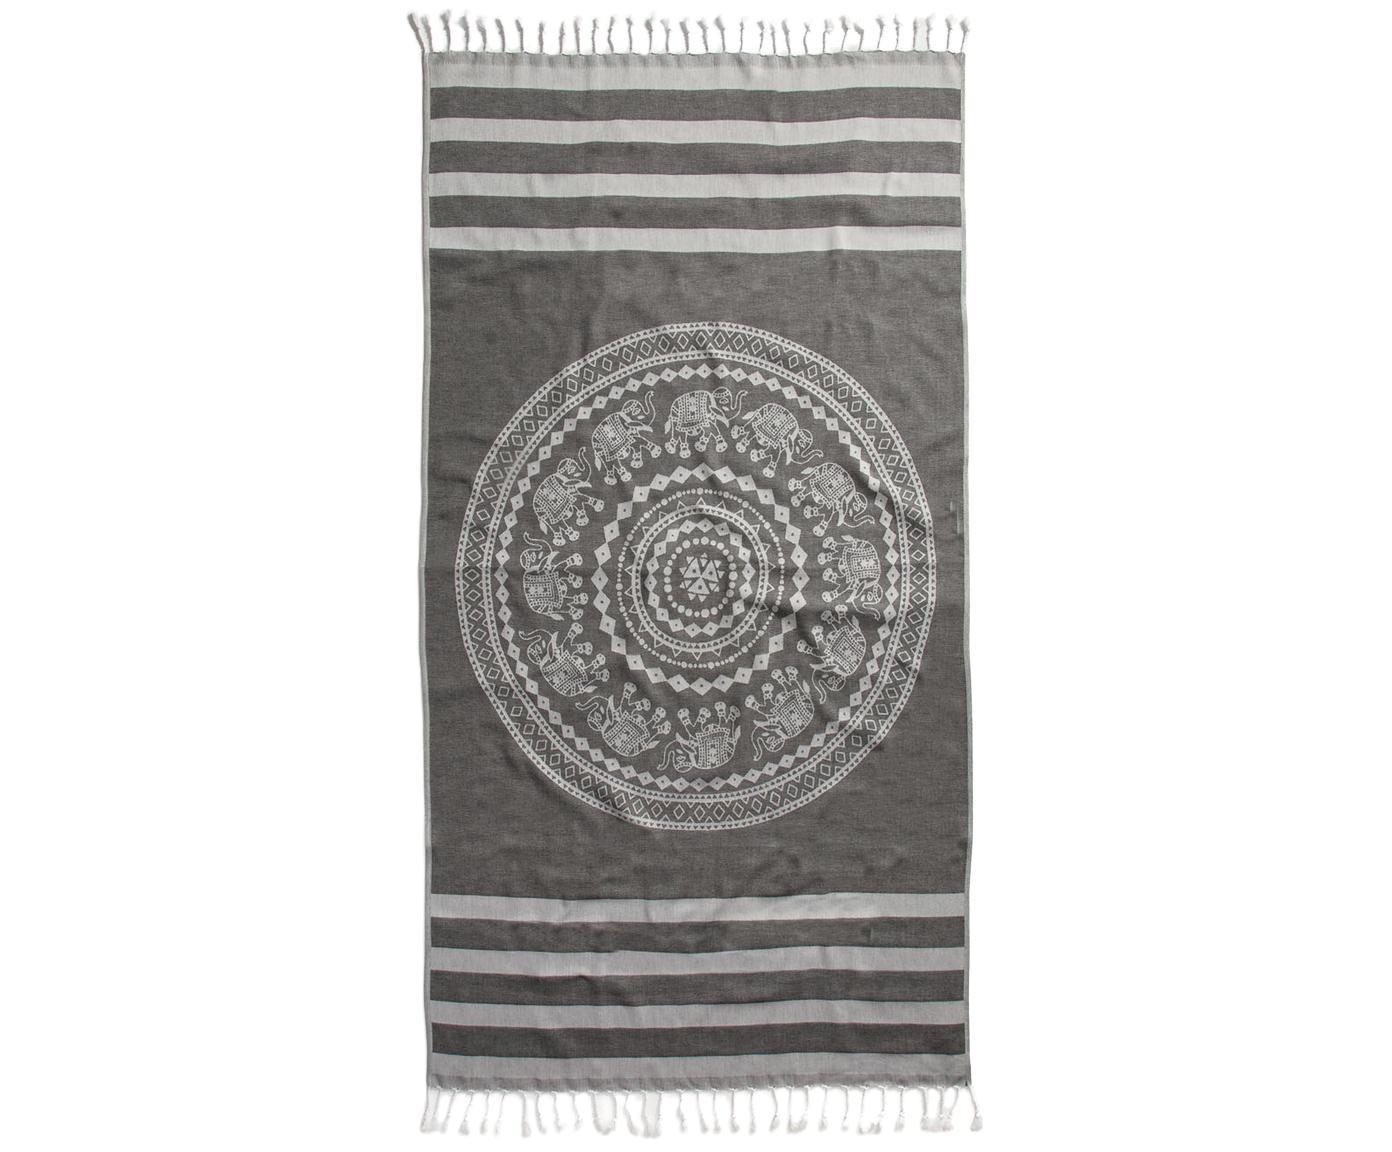 Hamamtuch Shiva, 100% Baumwolle leichte Stoffqualität, 210g/m², Schwarz, Grau, 90 x 180 cm